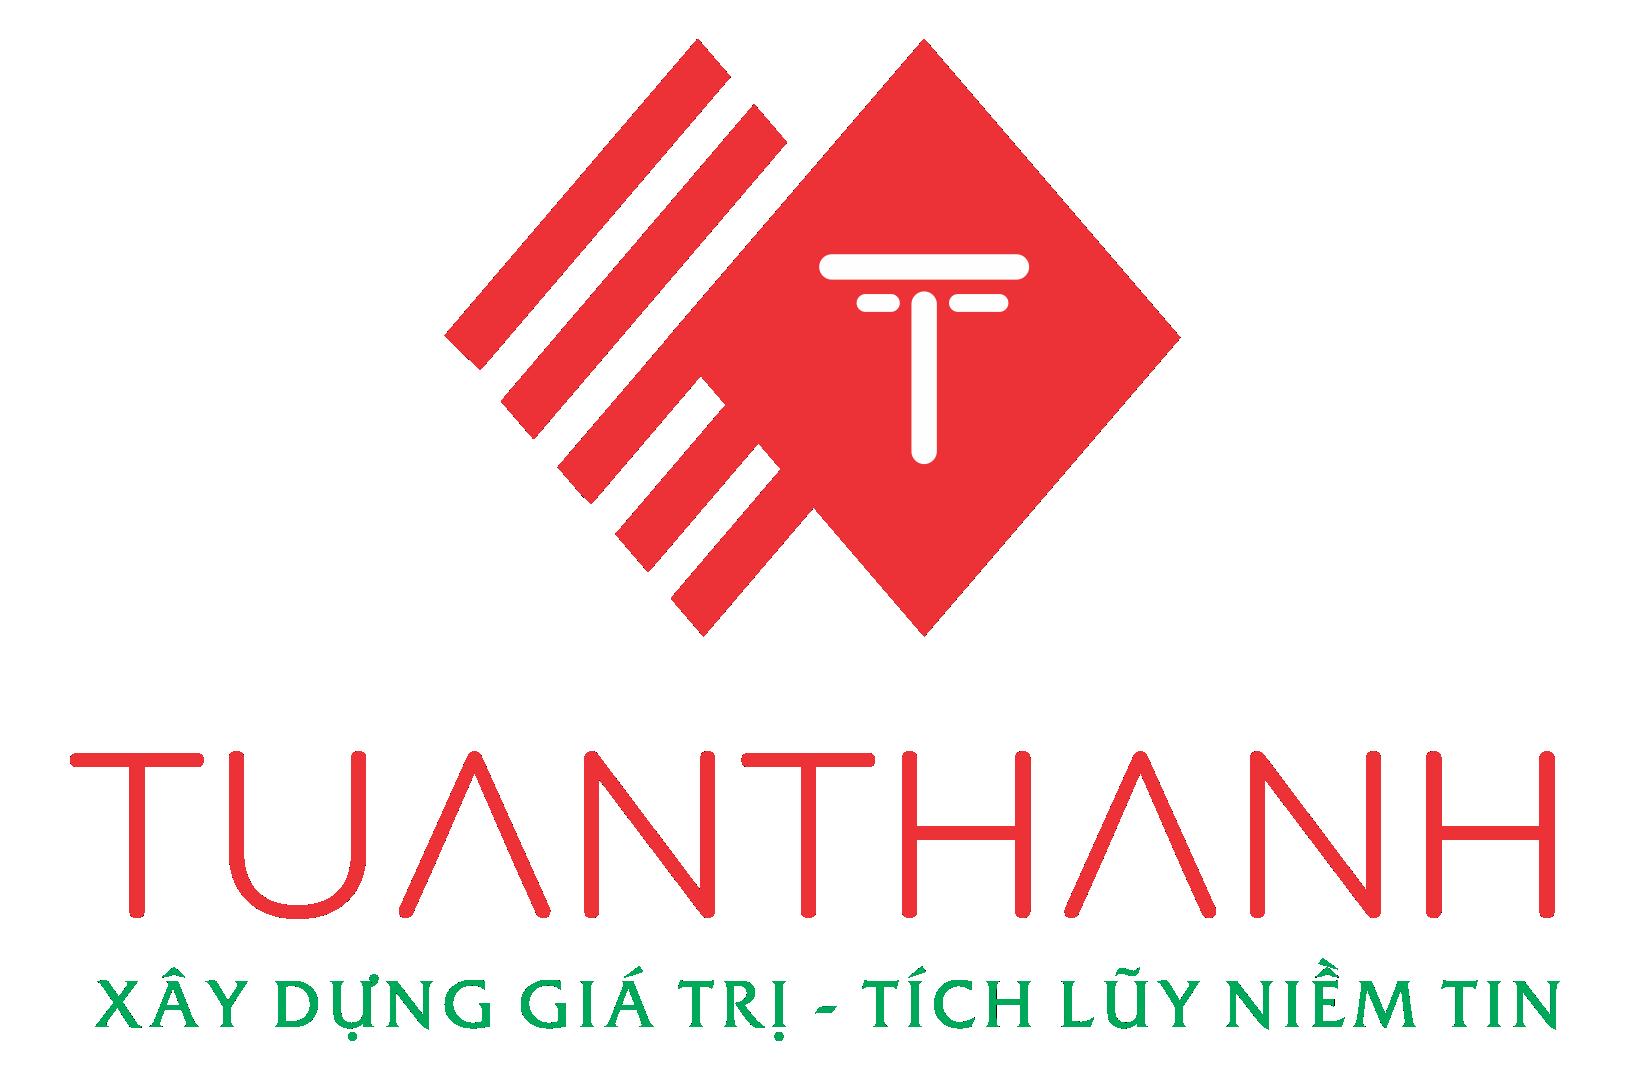 In Tuấn Thành – Chất lượng tốt, Giá thành rẻ, Thời gian nhanh chóng